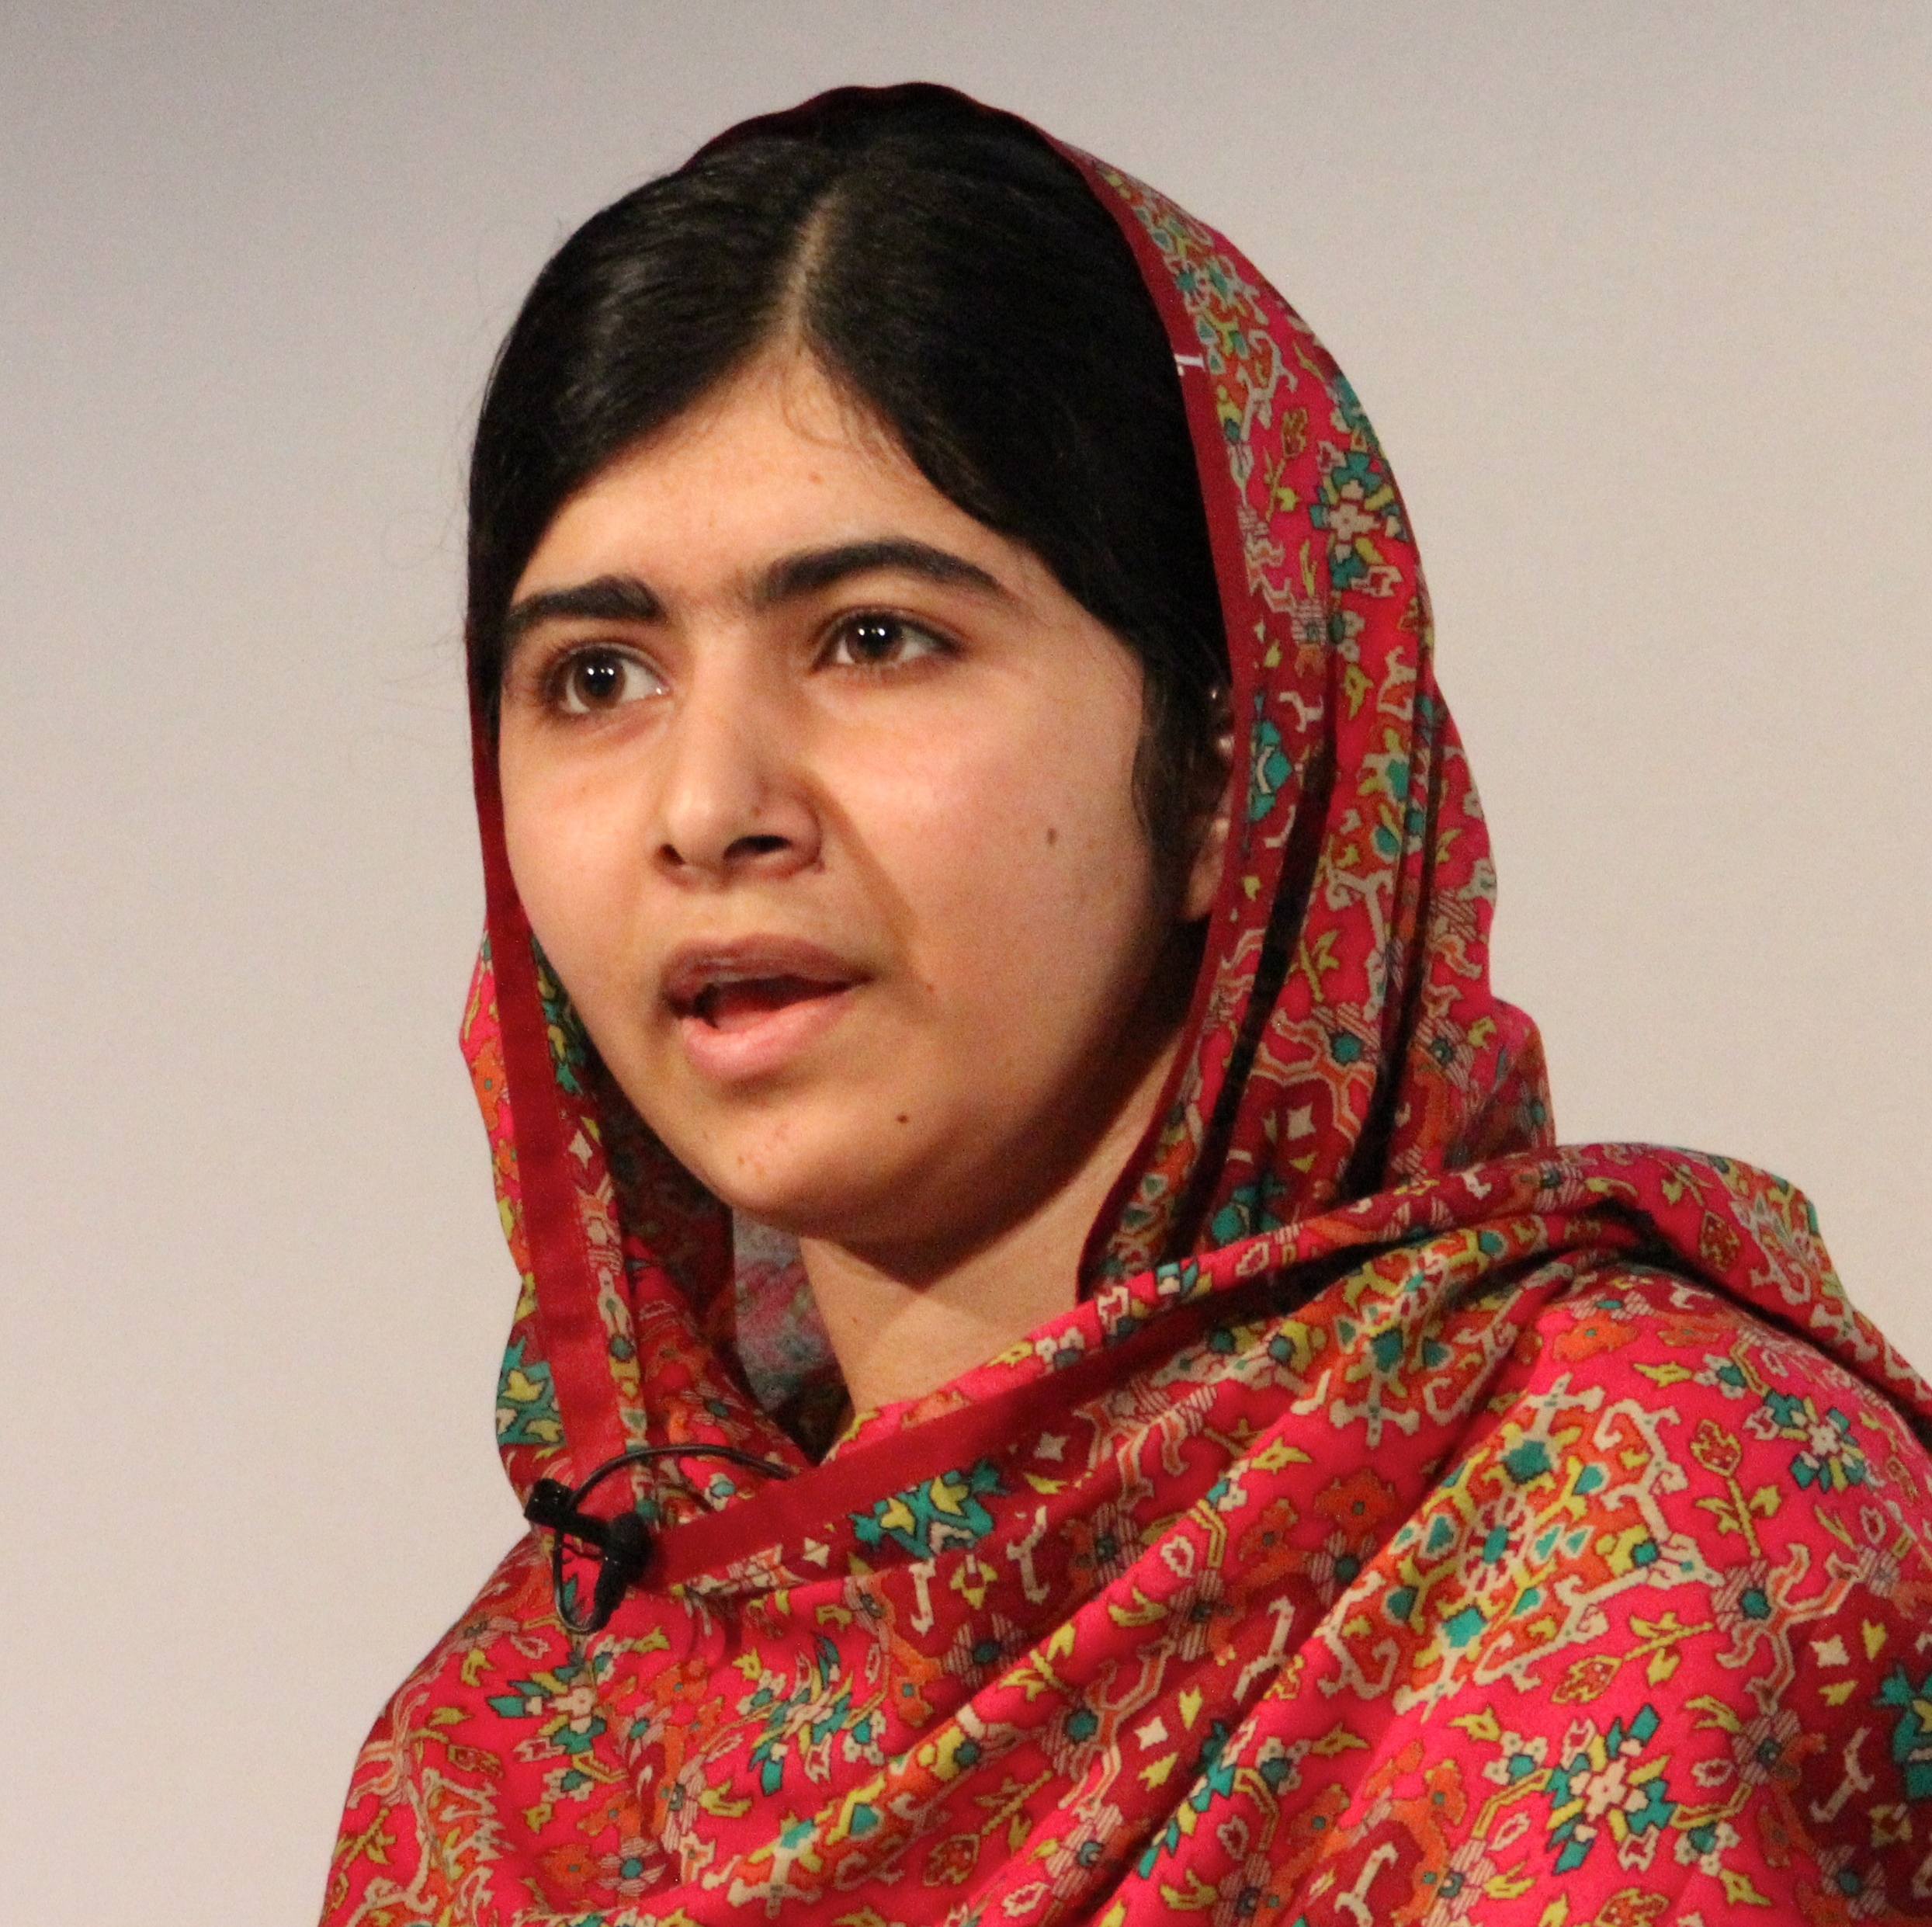 Malala Yousafzai 2014 - 8 ihrer Angreifer wurden überraschend freigelassen. (Quelle: Wikimedia Commons Lizenz CC-BY-SA 2.0)